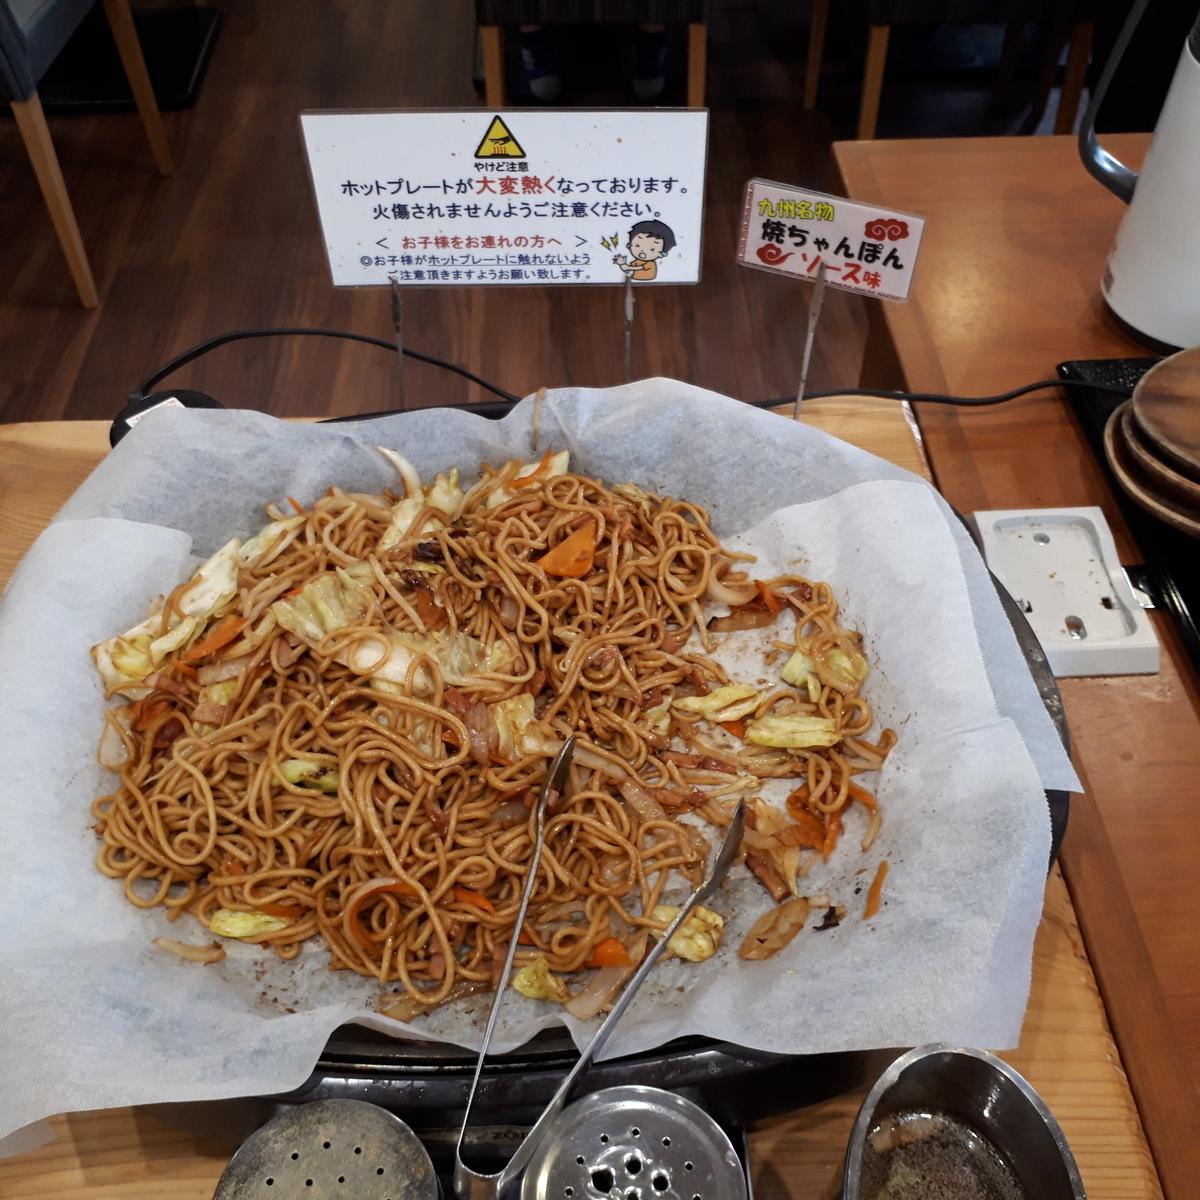 西鉄イン小倉 朝食 九州名物焼きちゃんぽん